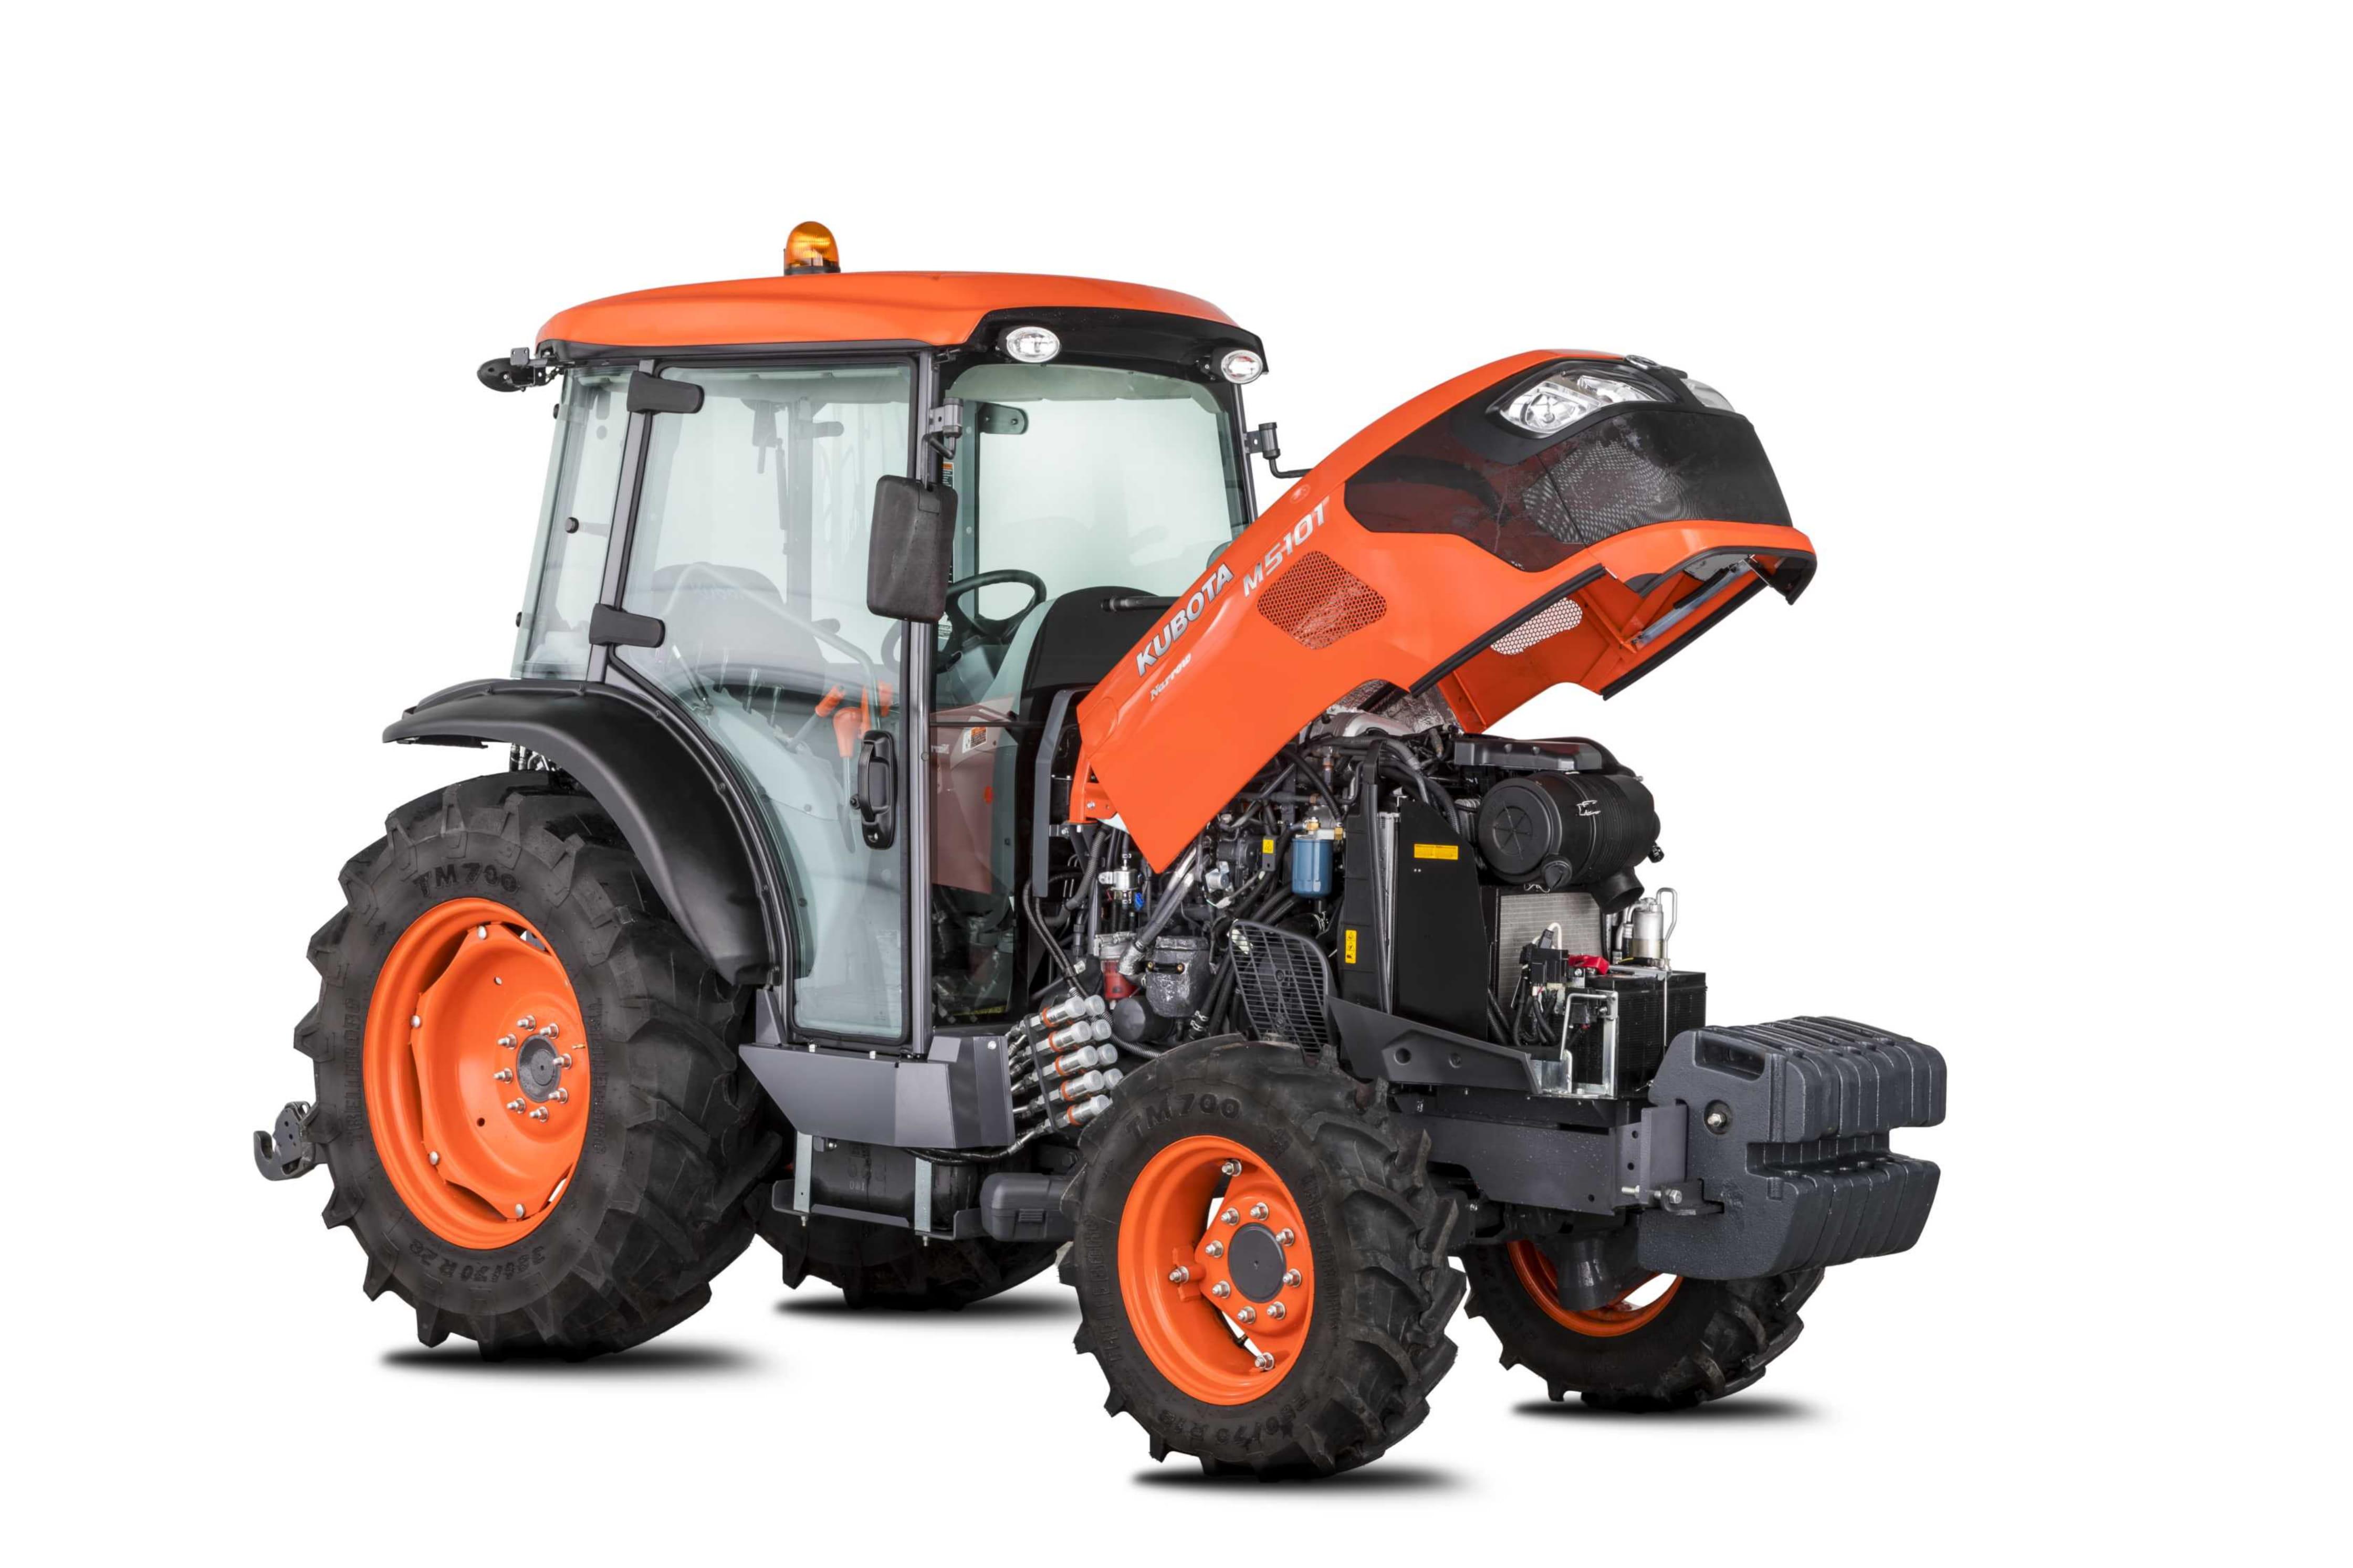 Tracteurs spécialisés Kubota M5001 Narrow - Kubota Europe SAS